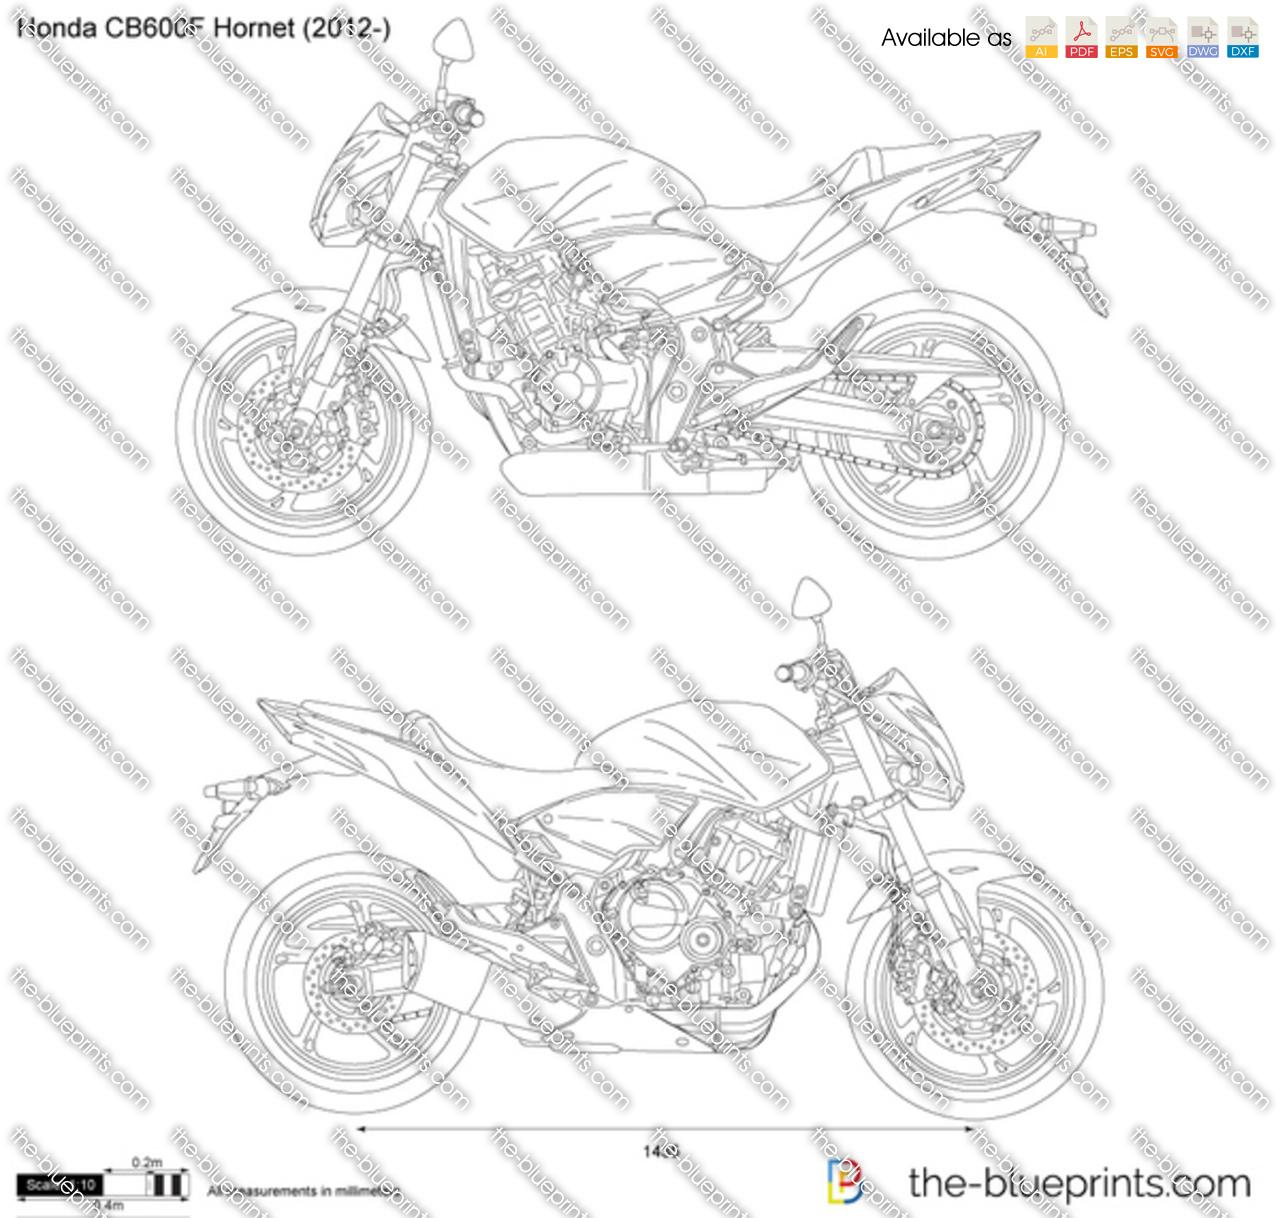 Honda CB600F Hornet 2015